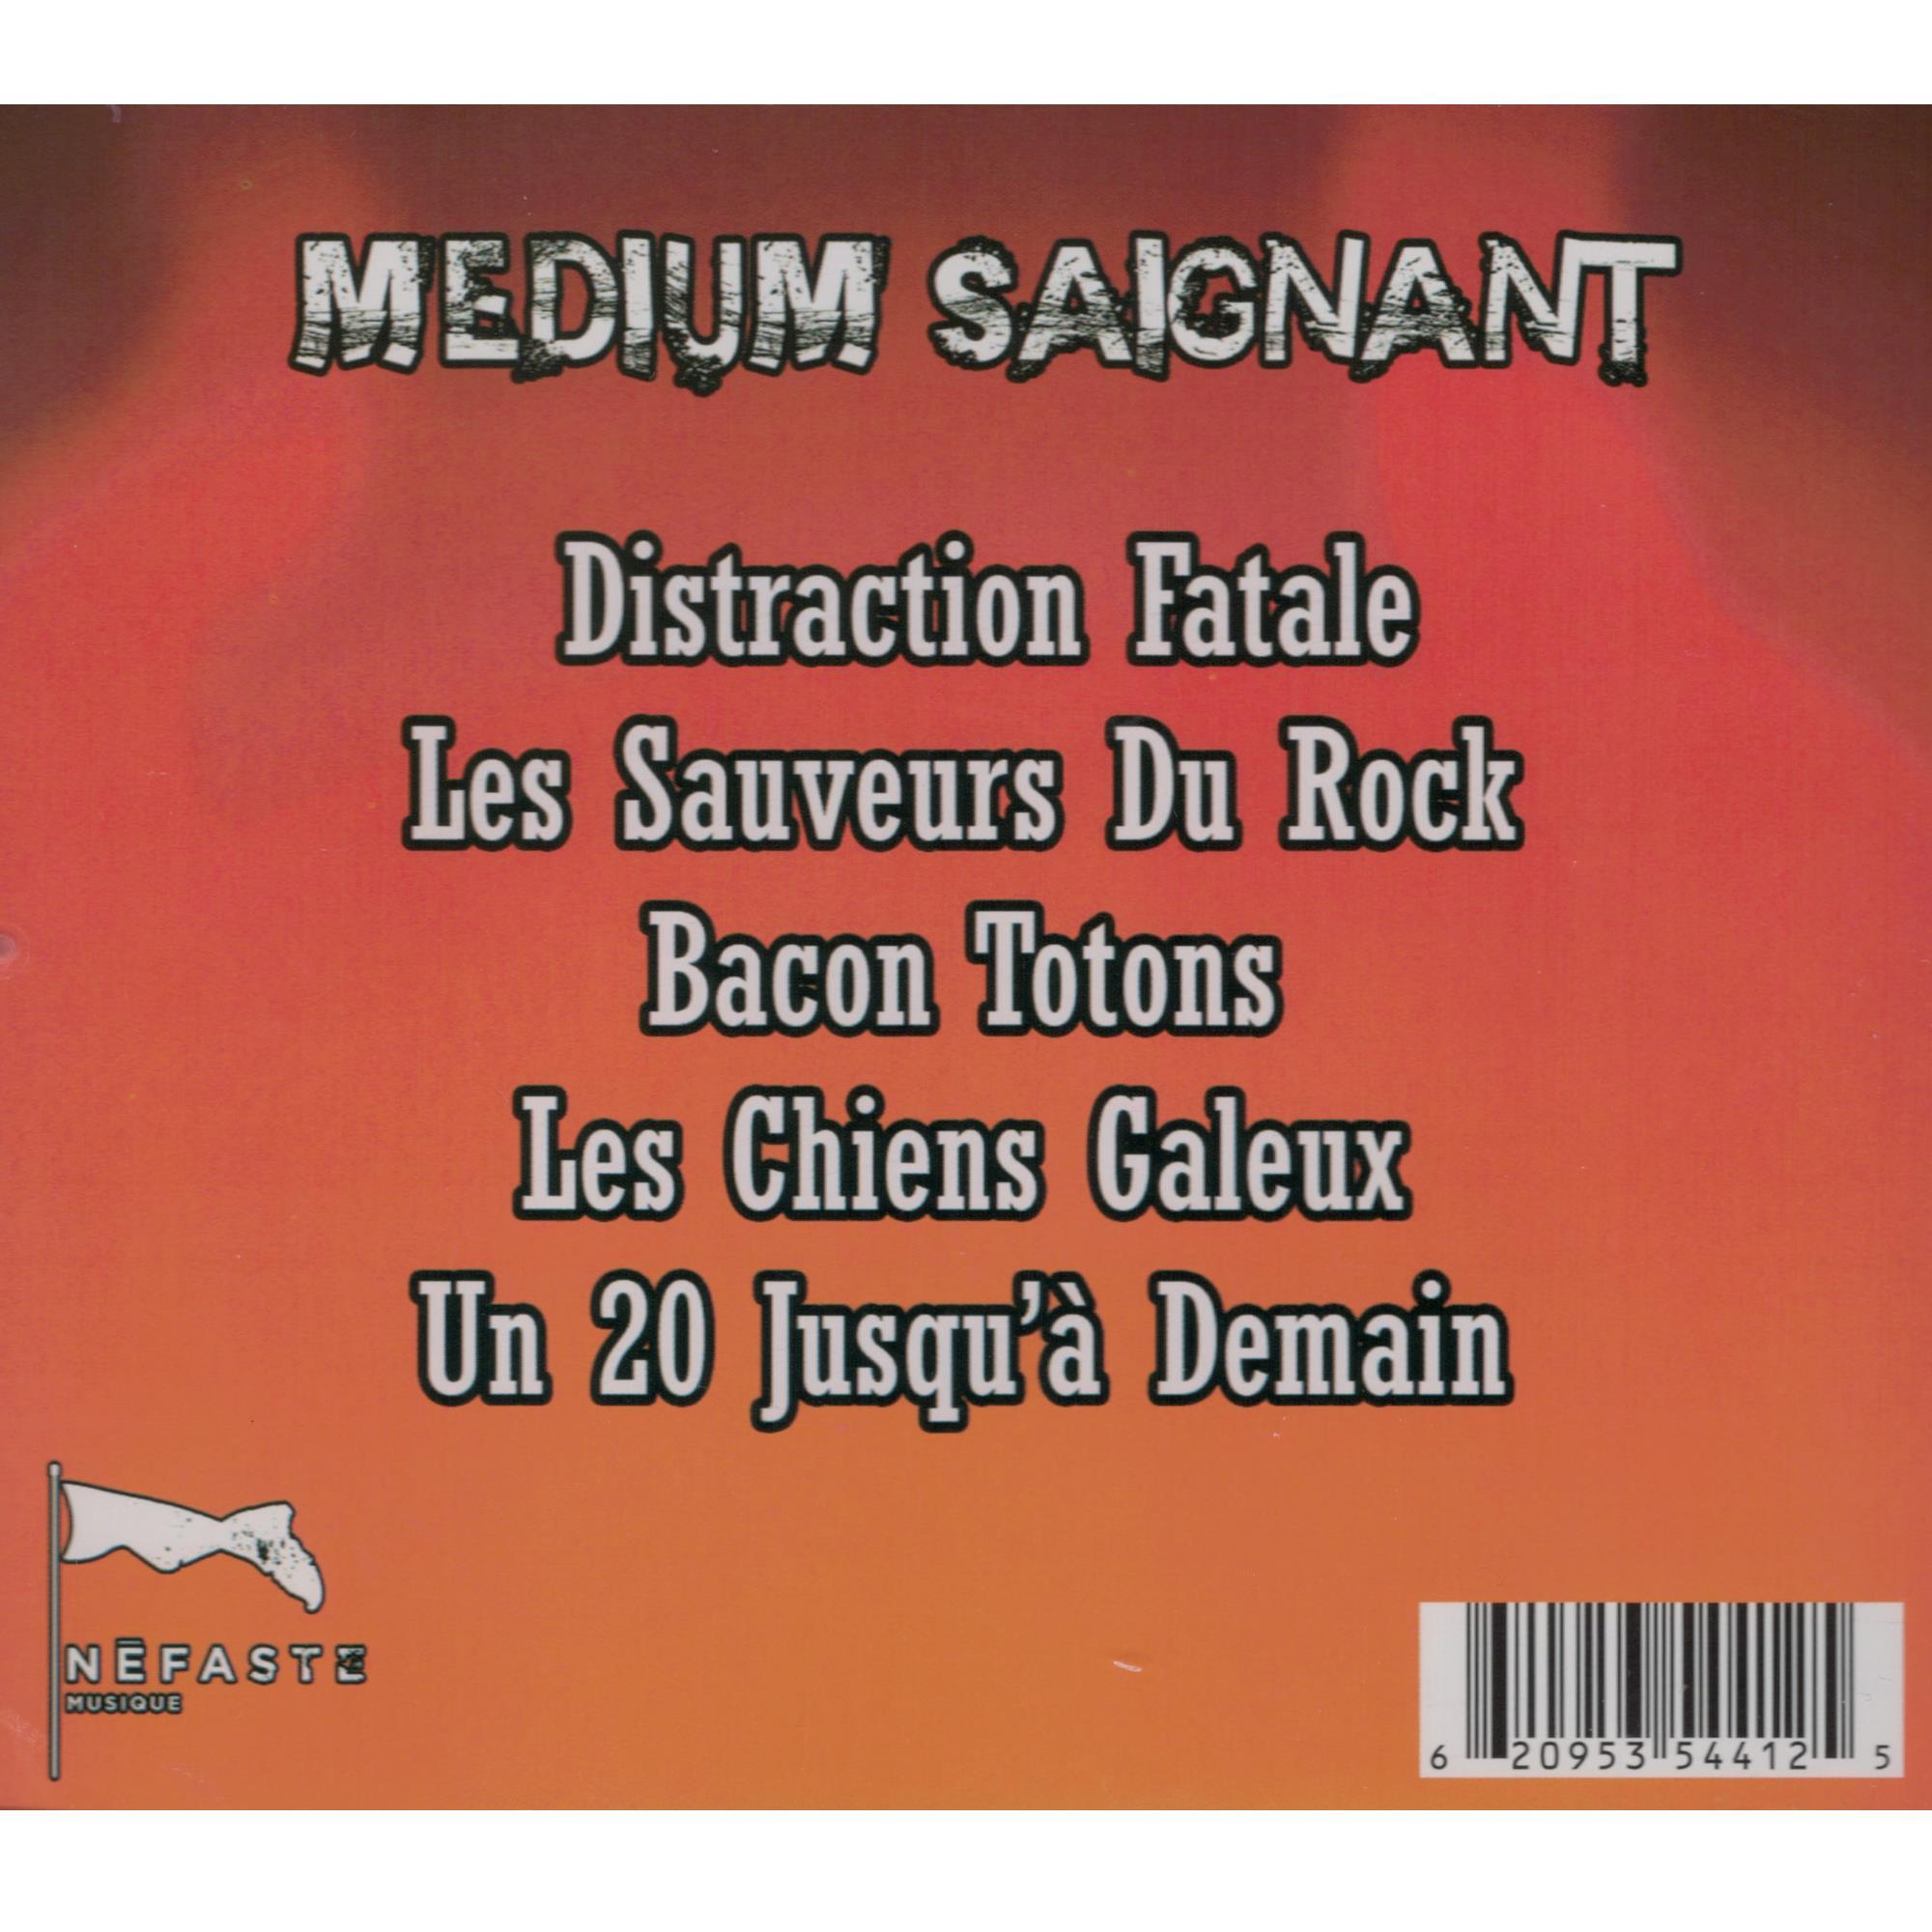 Medium Saignant CD